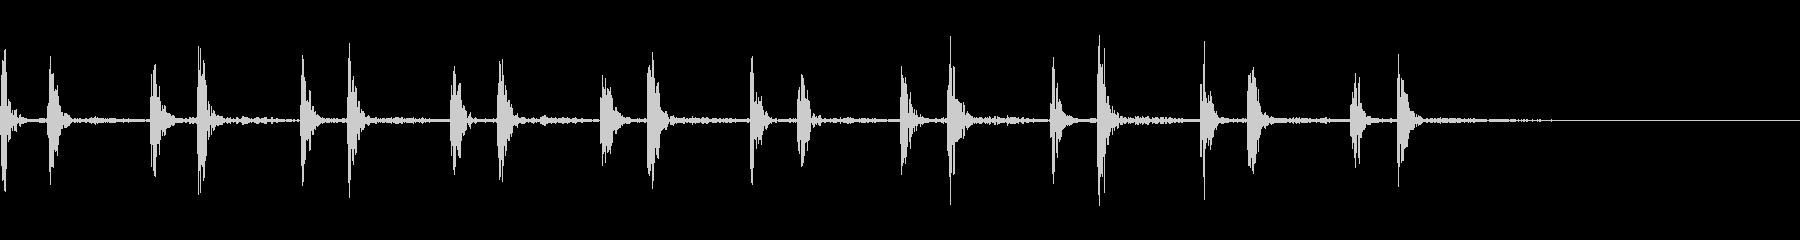 心臓の鼓動の未再生の波形